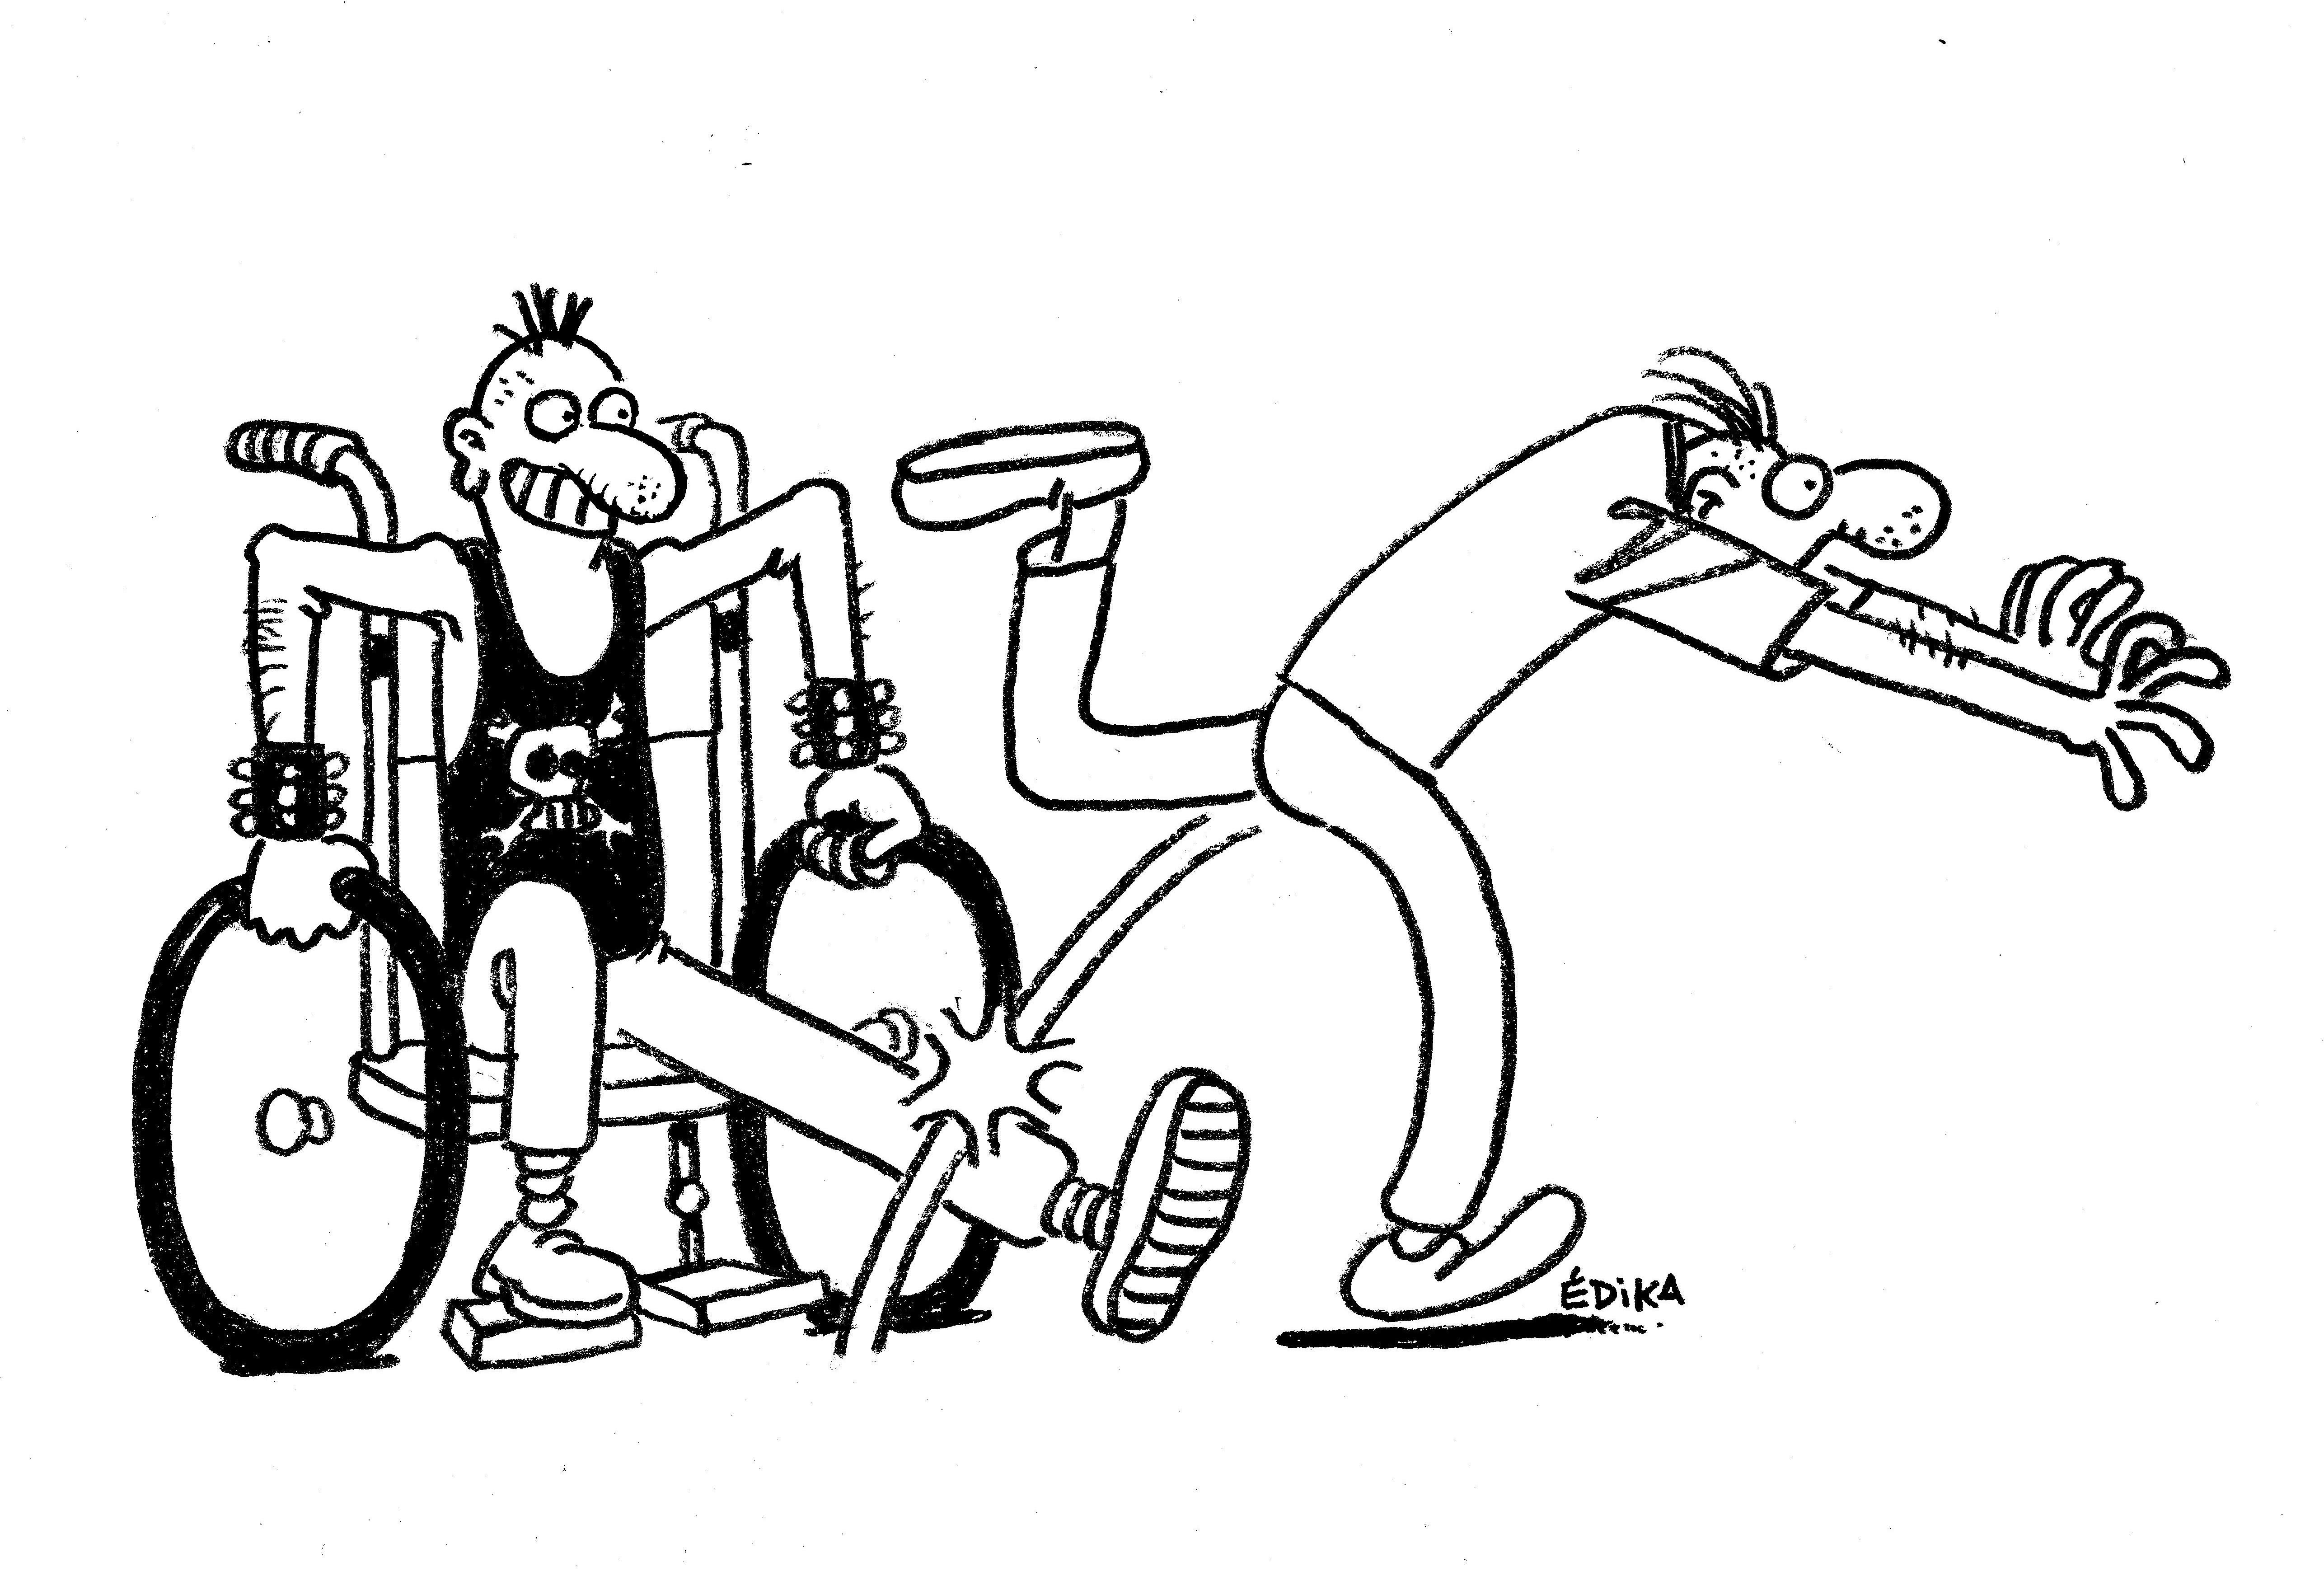 """drole image du handicap ou image """"drole"""" du handicap"""